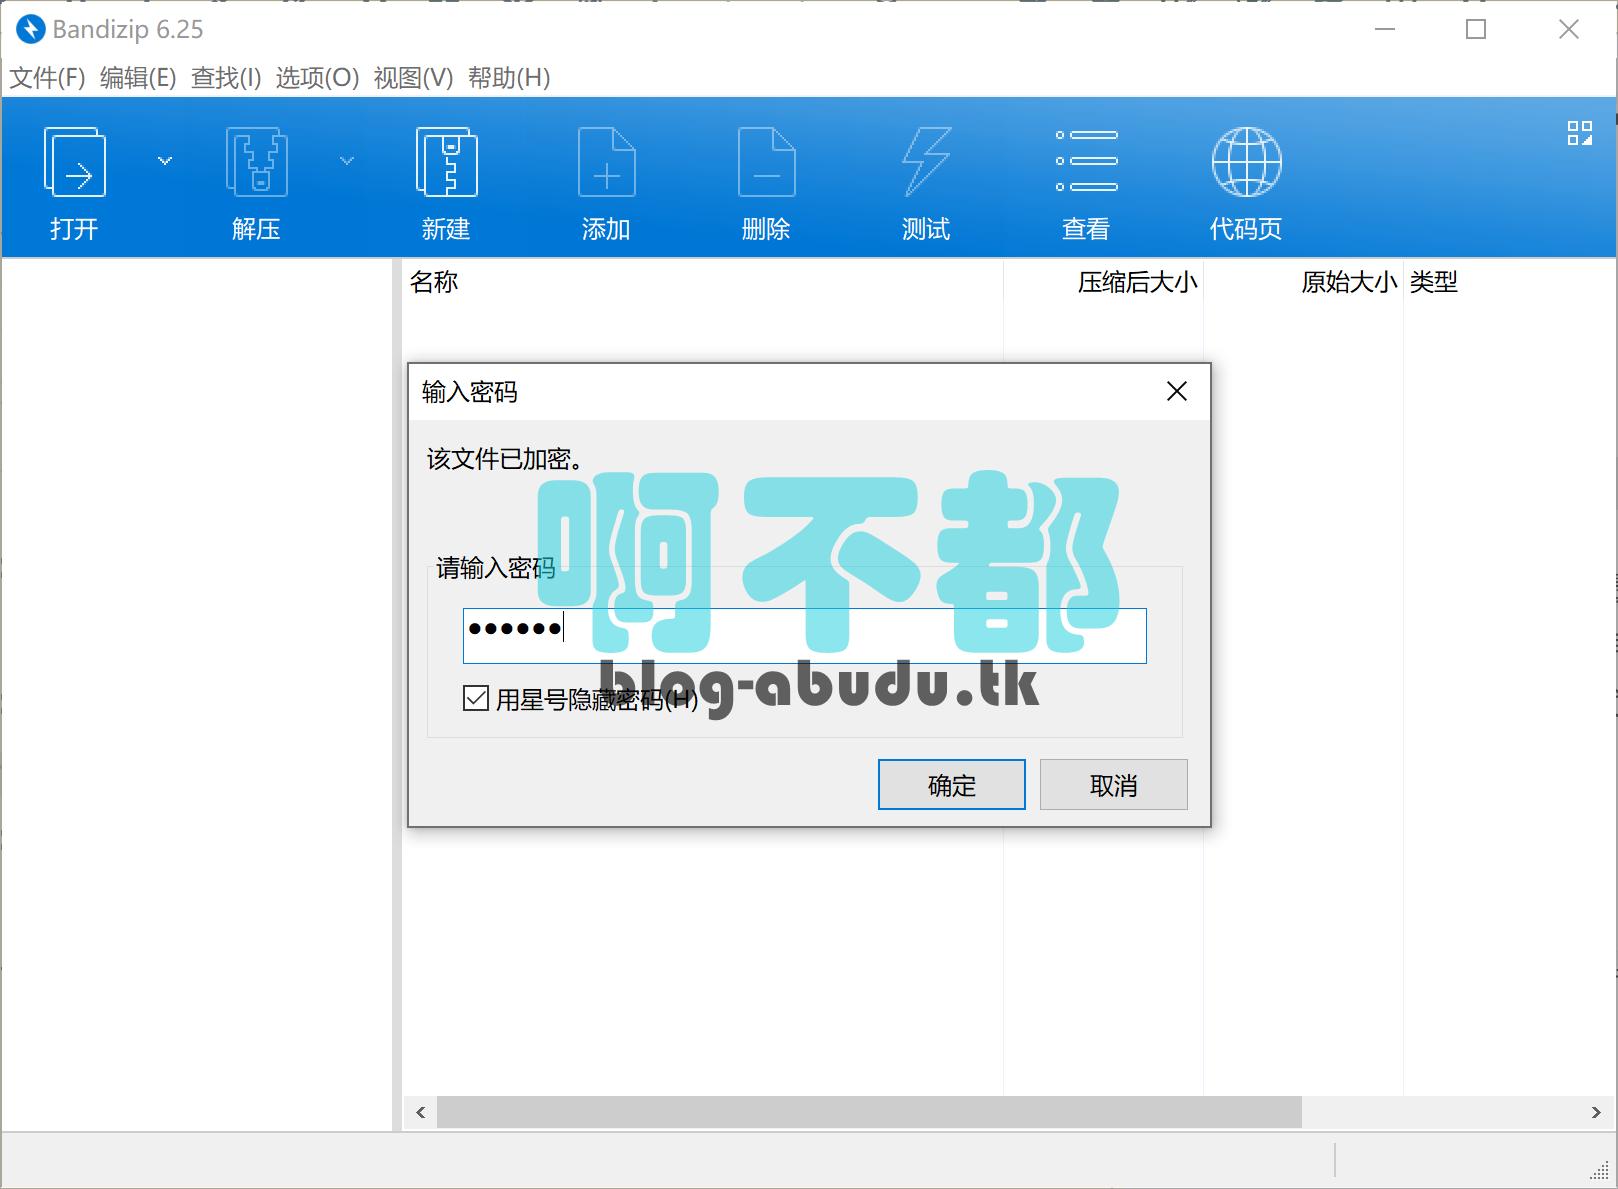 免费无广告的压缩软件 Bandizip插图(2)